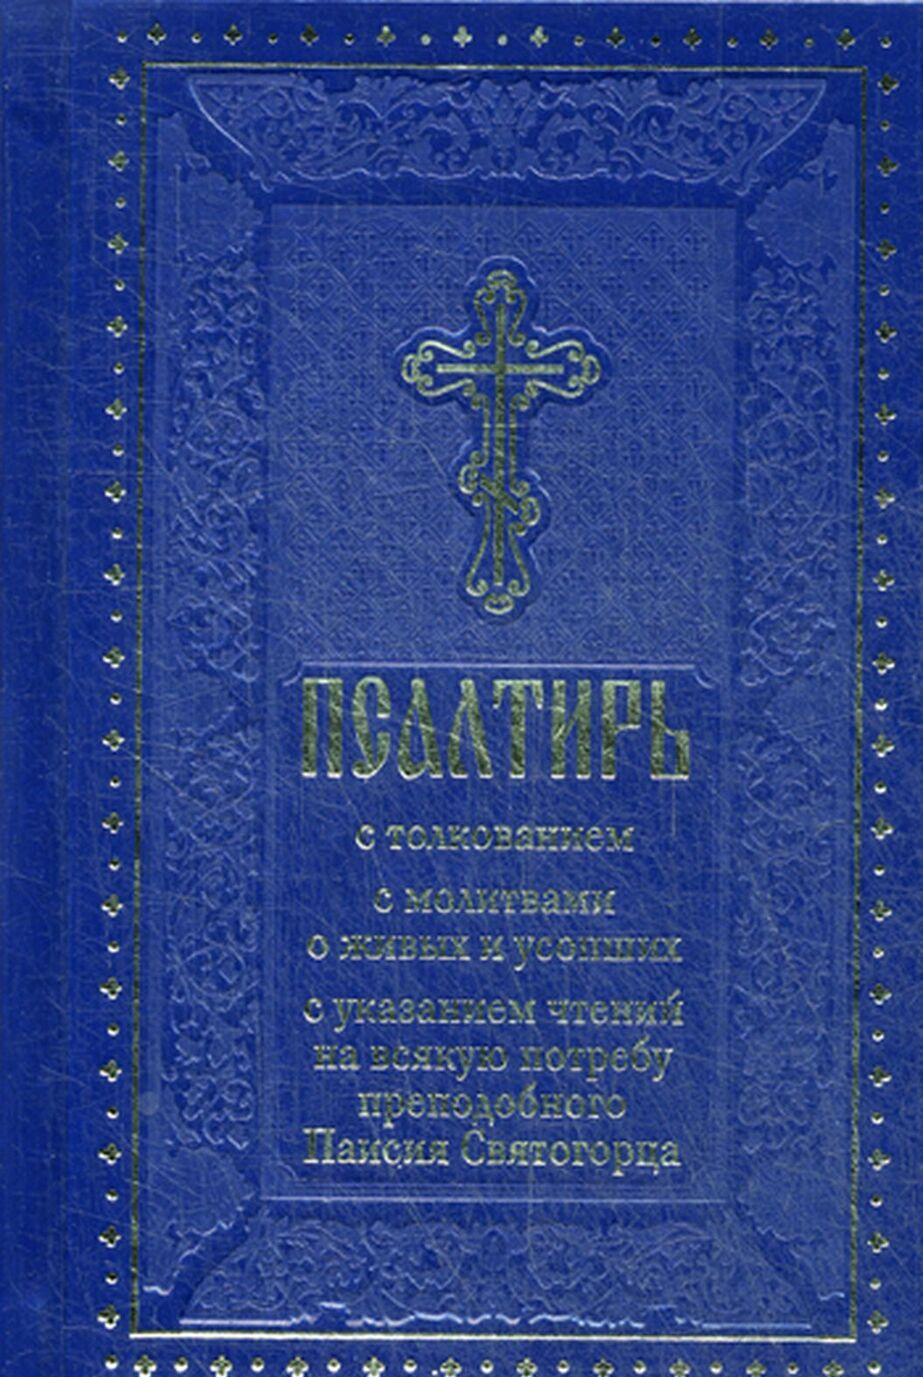 Psaltir s tolkovaniem, s molitvami o zhivykh i usopshikh, s ukazaniem chtenij na vsjakuju potrebu po nastavlenijam prepodobnogo Paisija Svjatogortsa